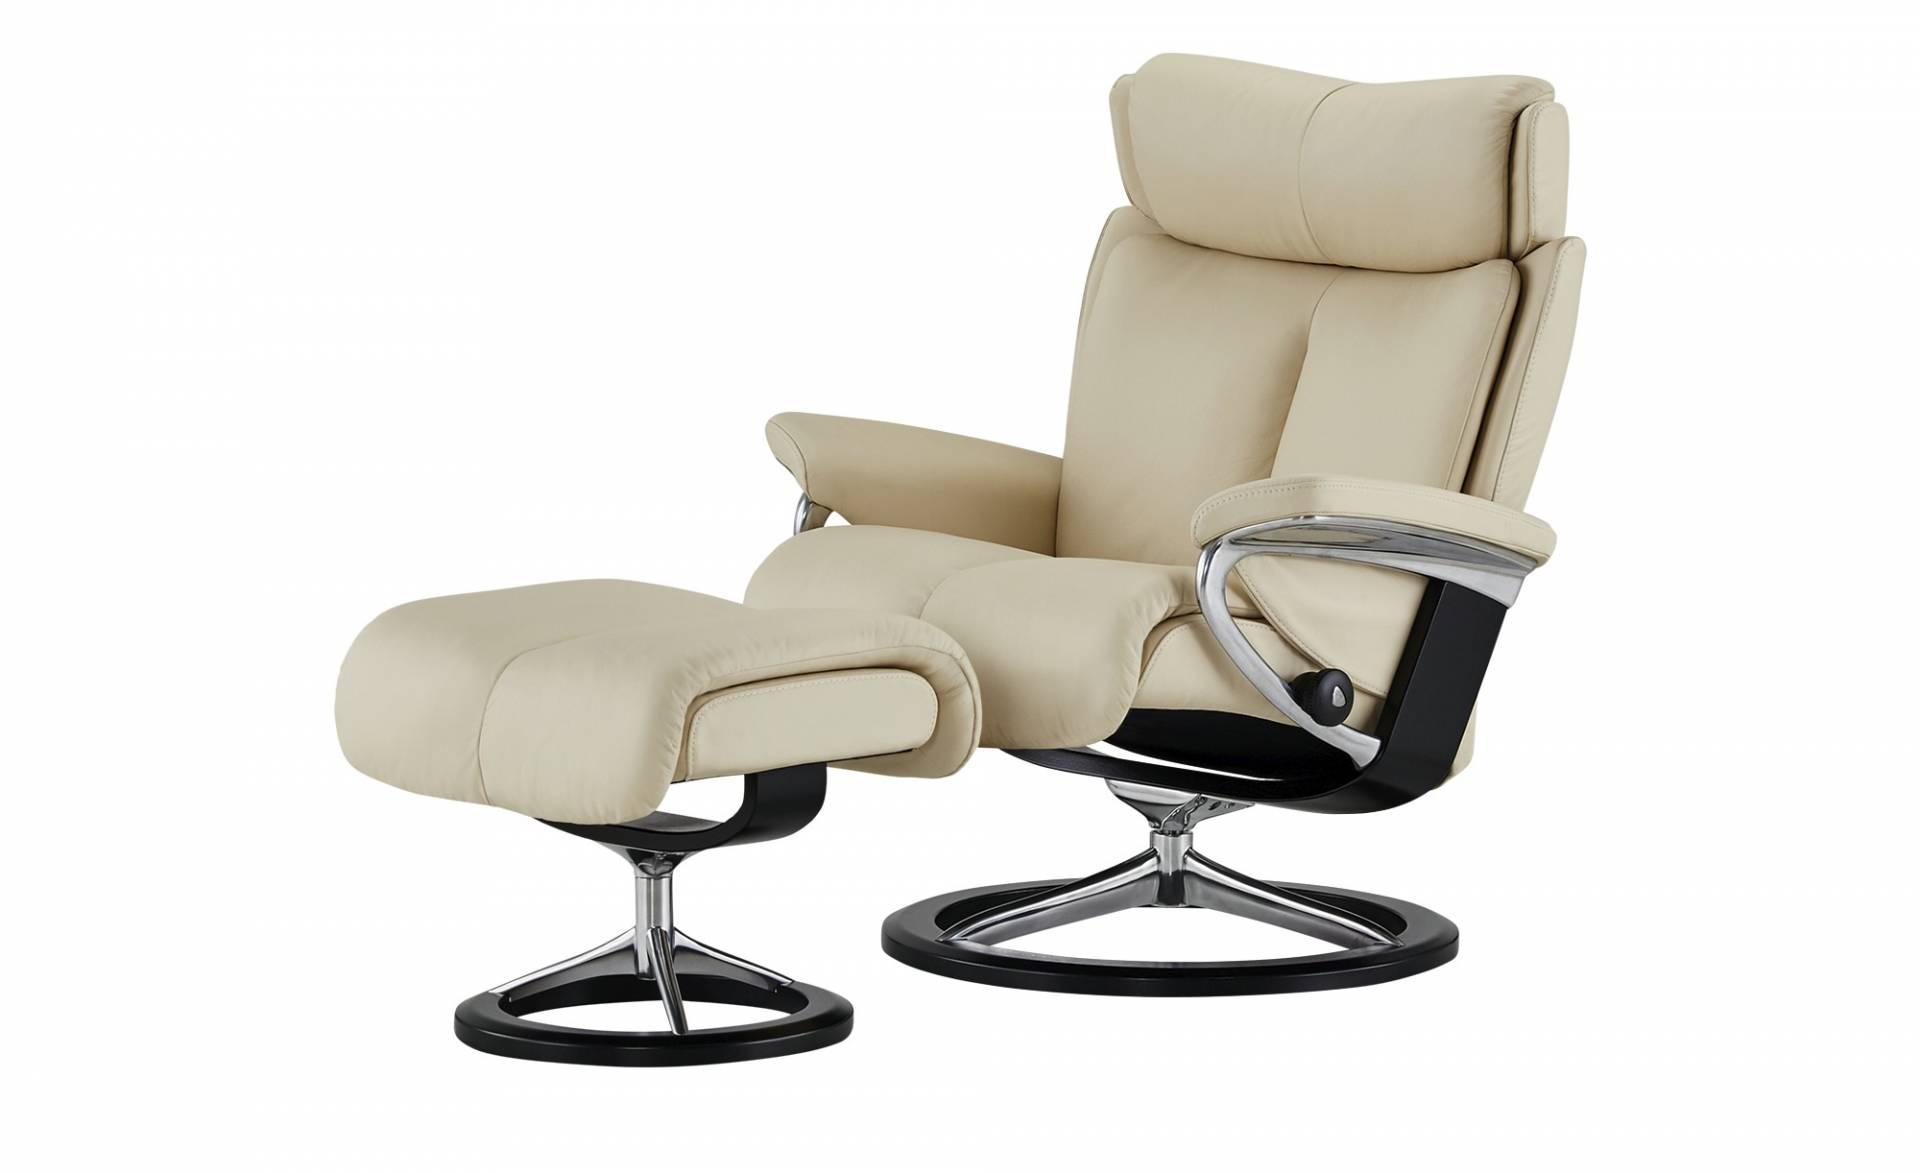 wei fernsehsessel und weitere sessel g nstig online kaufen bei m bel garten. Black Bedroom Furniture Sets. Home Design Ideas